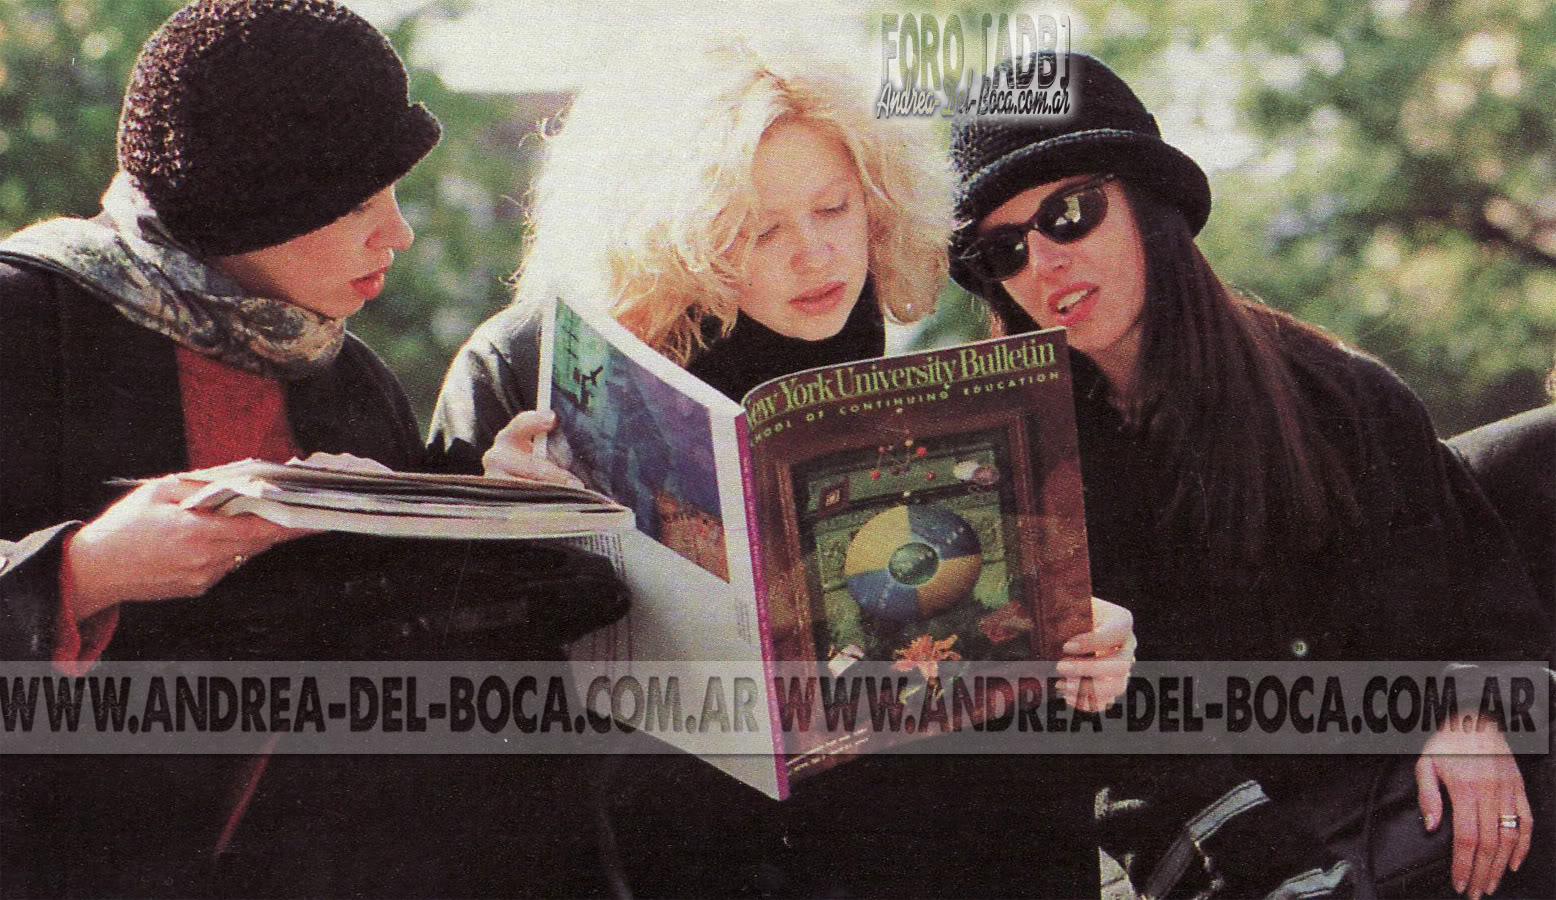 Фотографии / Fotos (часть 4) - Página 7 1997_andy_del_boca_1084